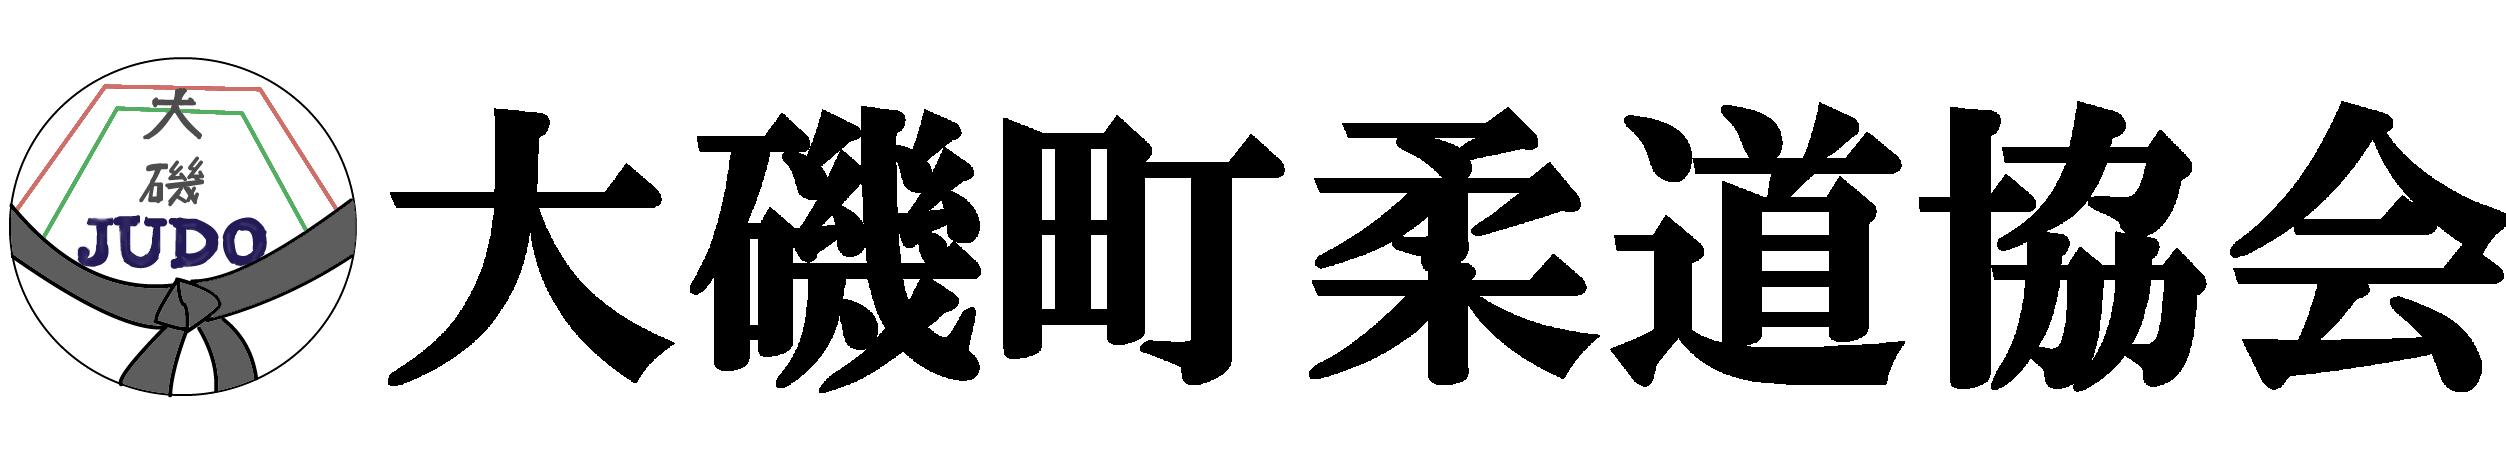 大磯町柔道協会